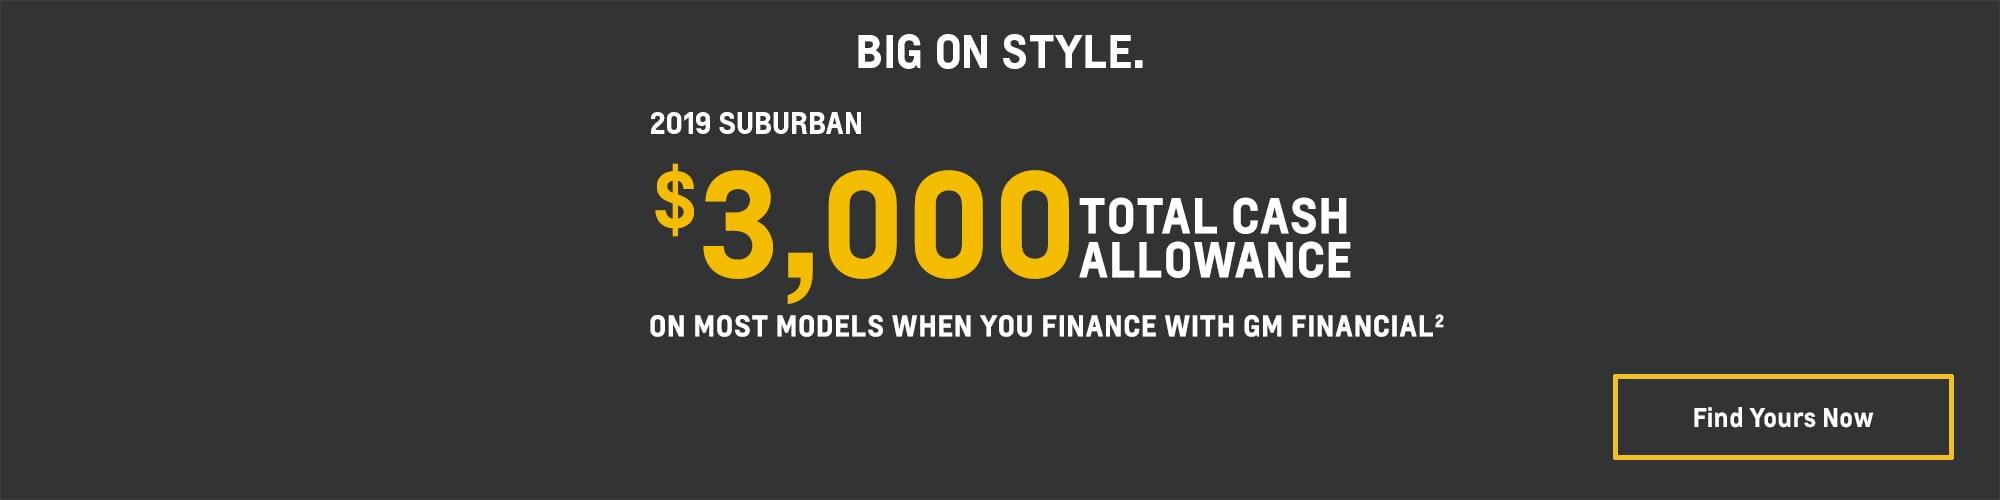 2019 Suburban: $3,000 Total Cash Allowance